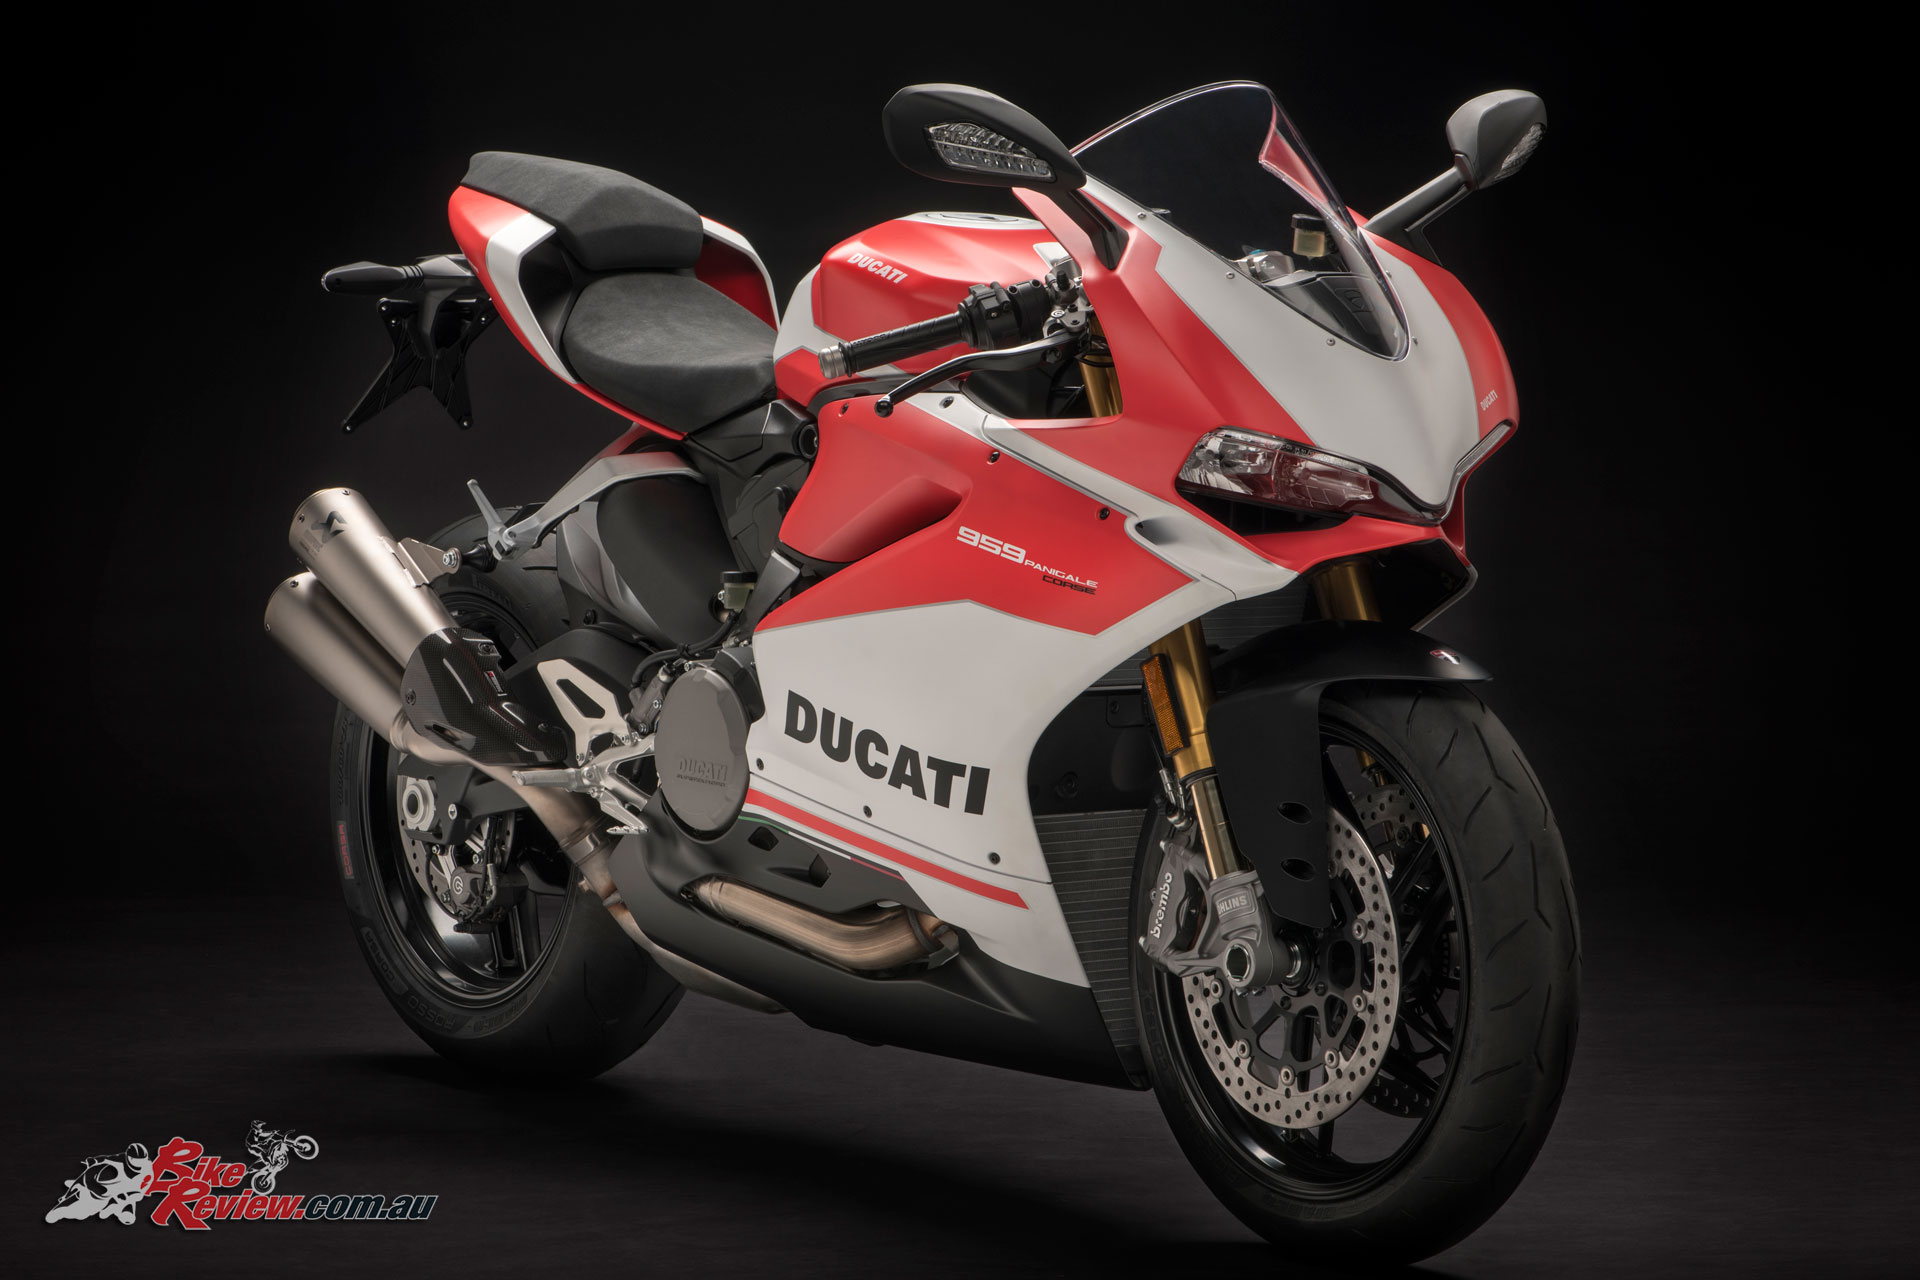 2018 Ducati Panigale 959 Corse